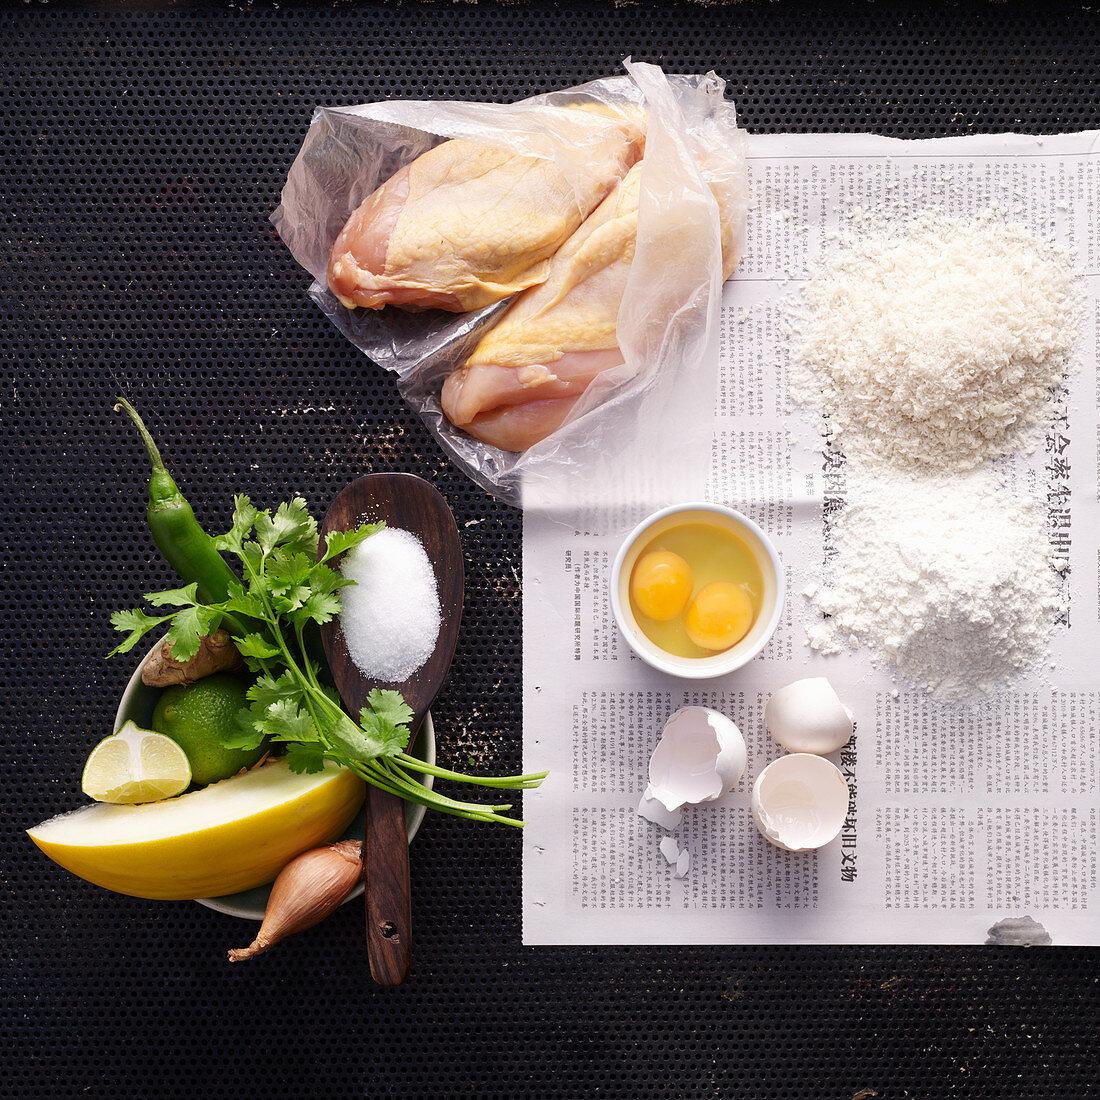 Ingredients for chicken sticks with melon salsa